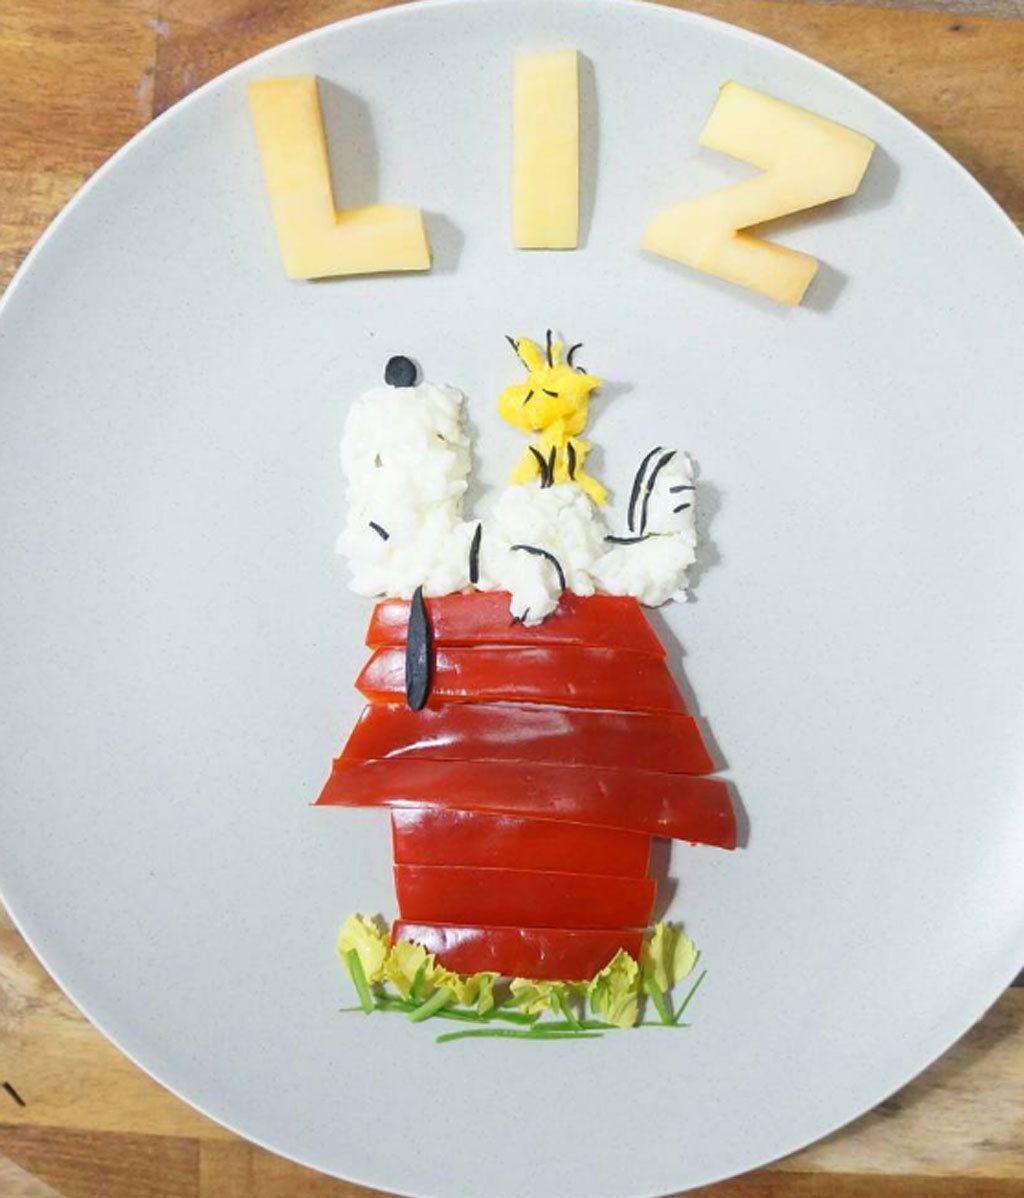 Quiso cocinar atractivos platos para su hijo y se li se li - Platos para cocinar ...